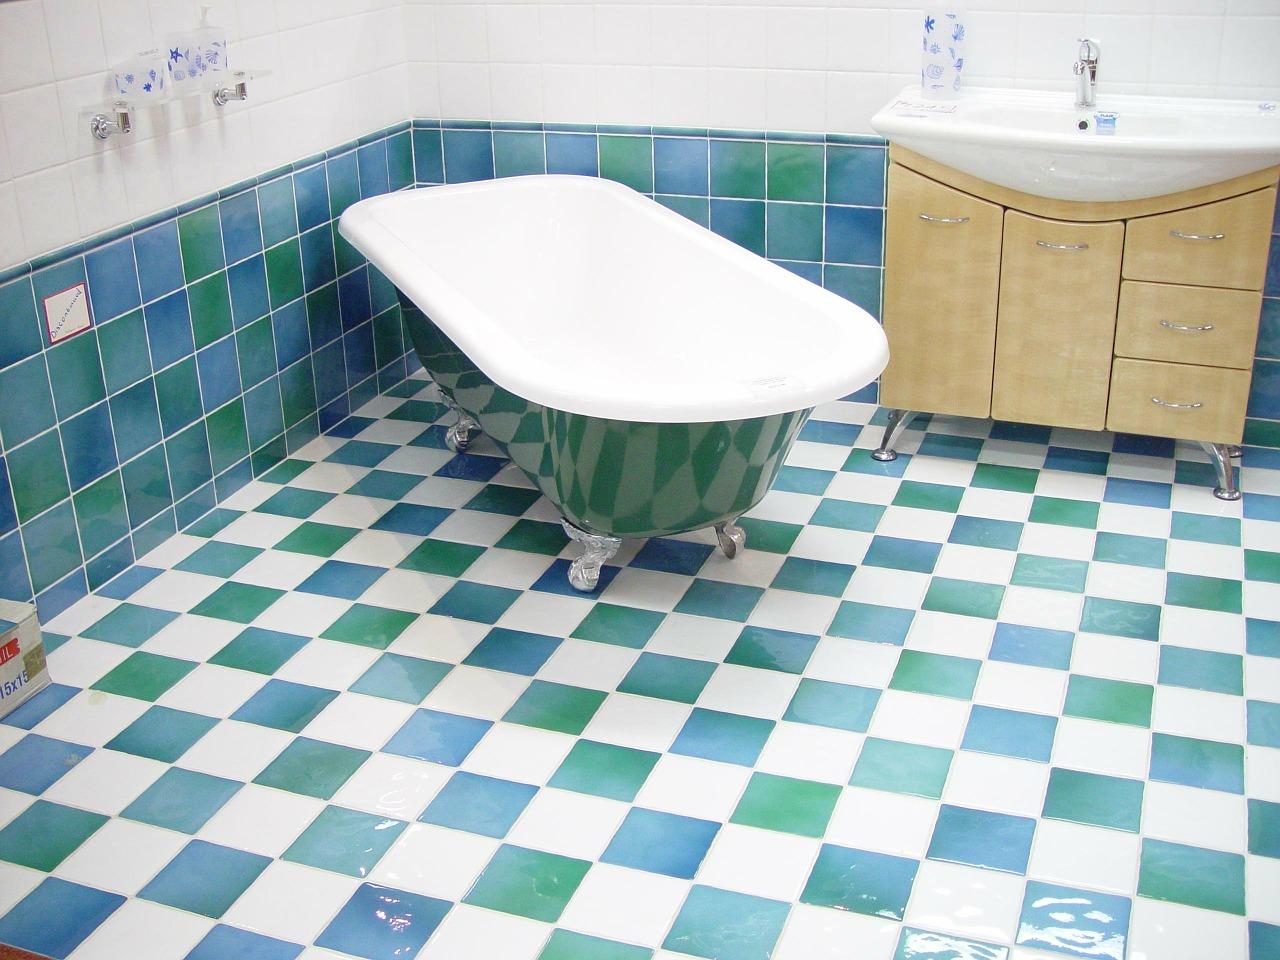 セスキ炭酸ソーダで風呂釜の洗浄はできるの?お風呂の鏡、床、水垢も取れるって本当なの?